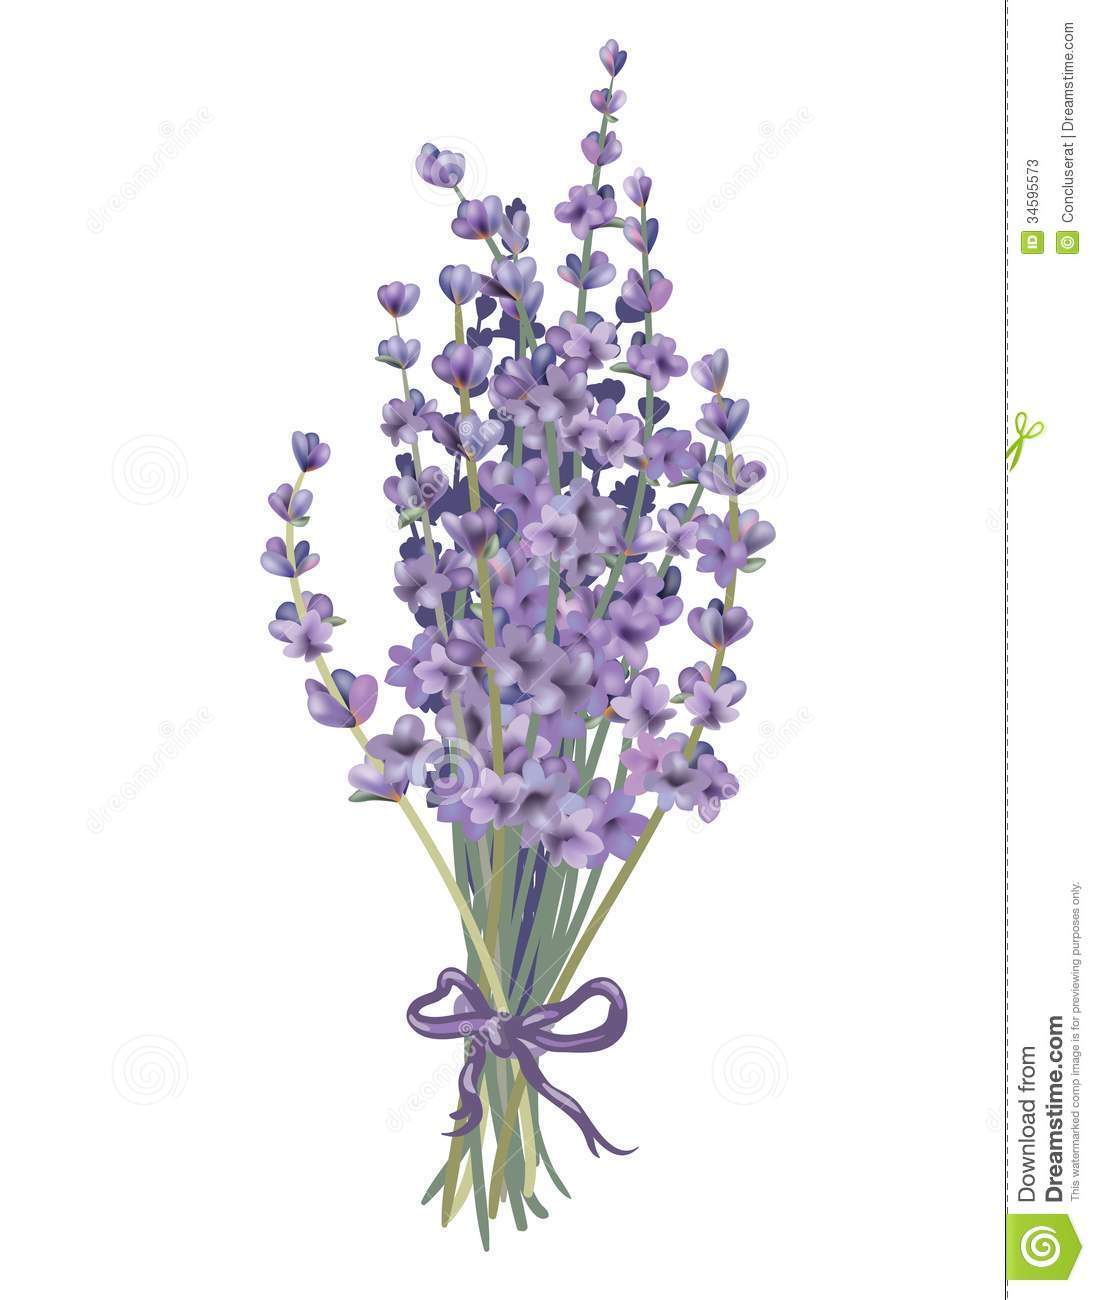 Lavender clipart #1